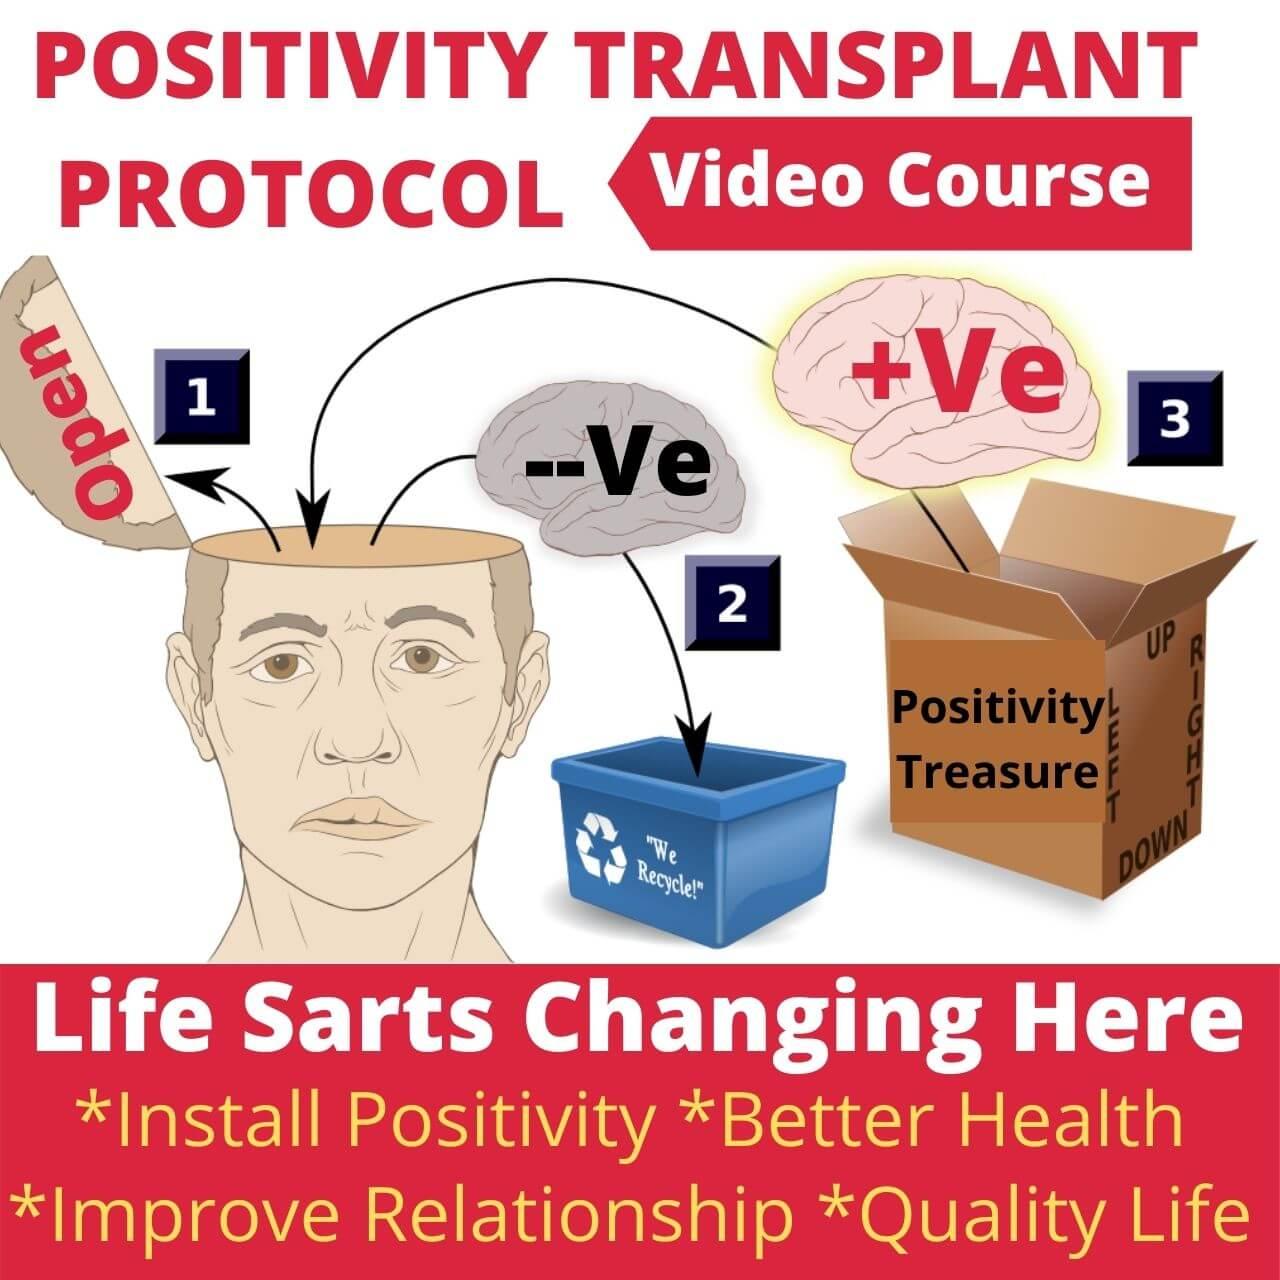 Positivity Transplant Protocol